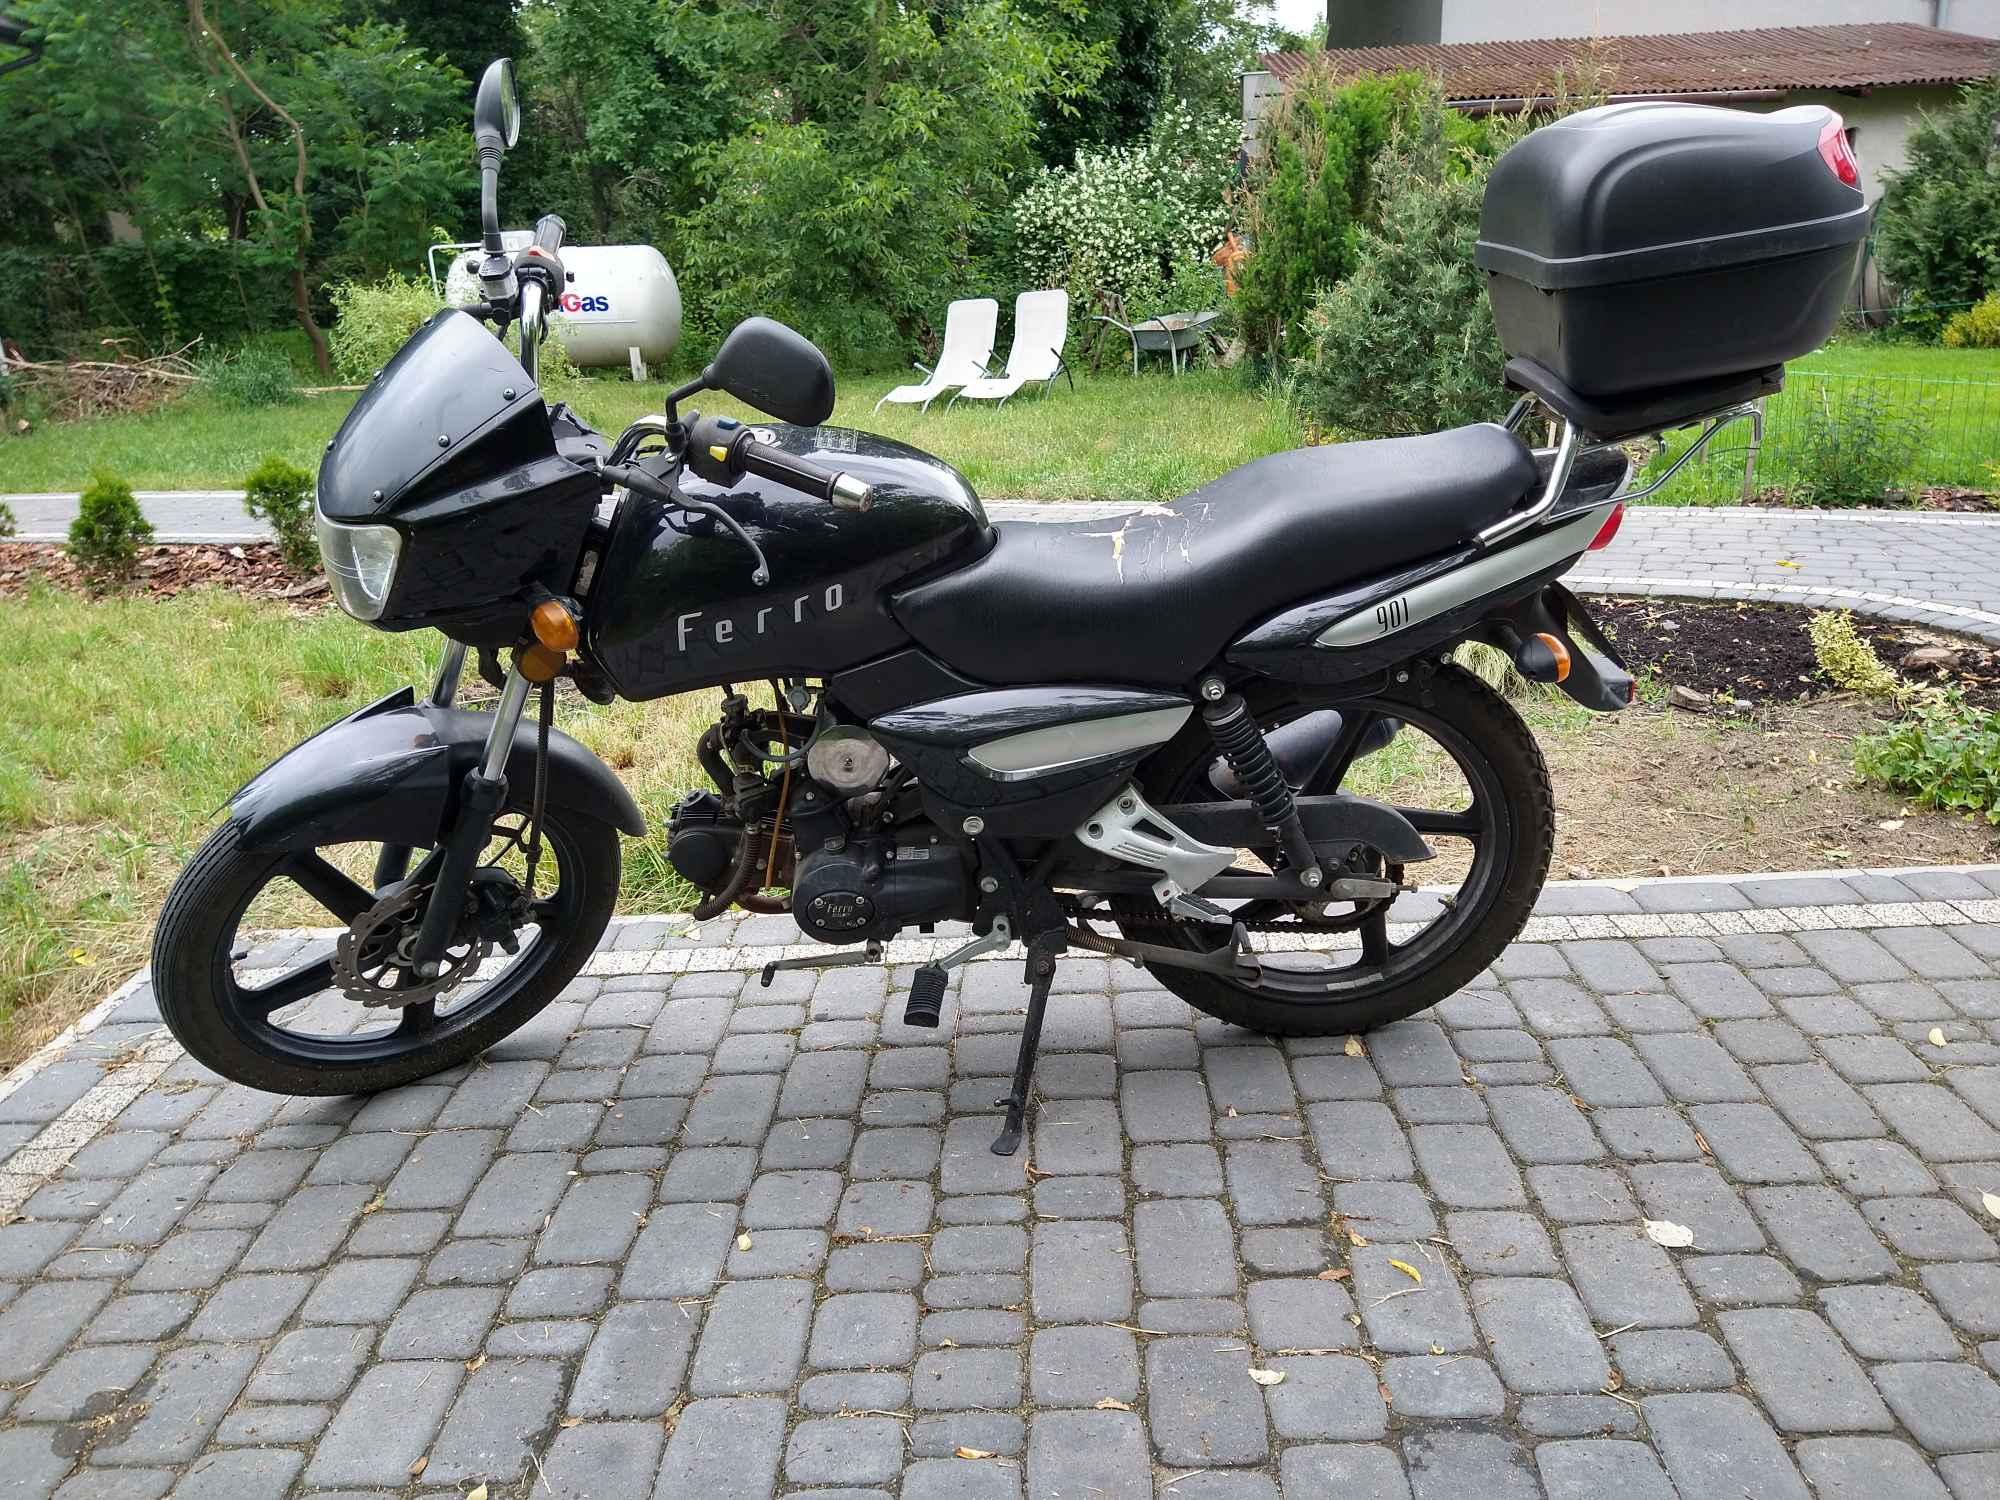 Motorower Ferro (Junak) 901 Białołęka - zdjęcie 1